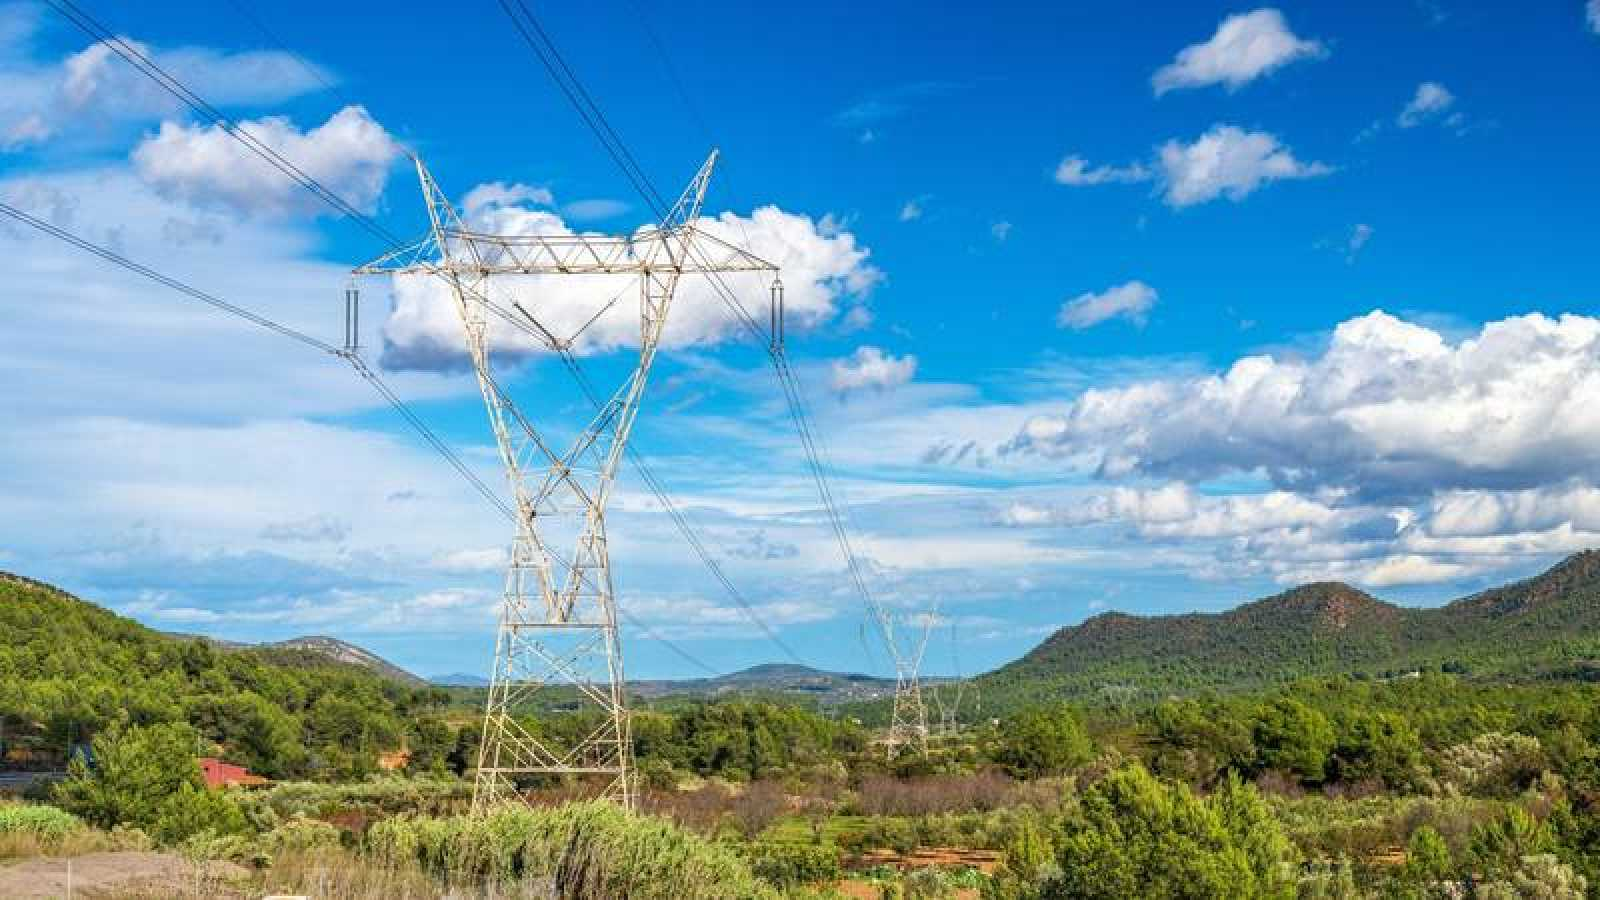 La Justicia europea avala el impuesto español del 7% a la producción de energía eléctrica